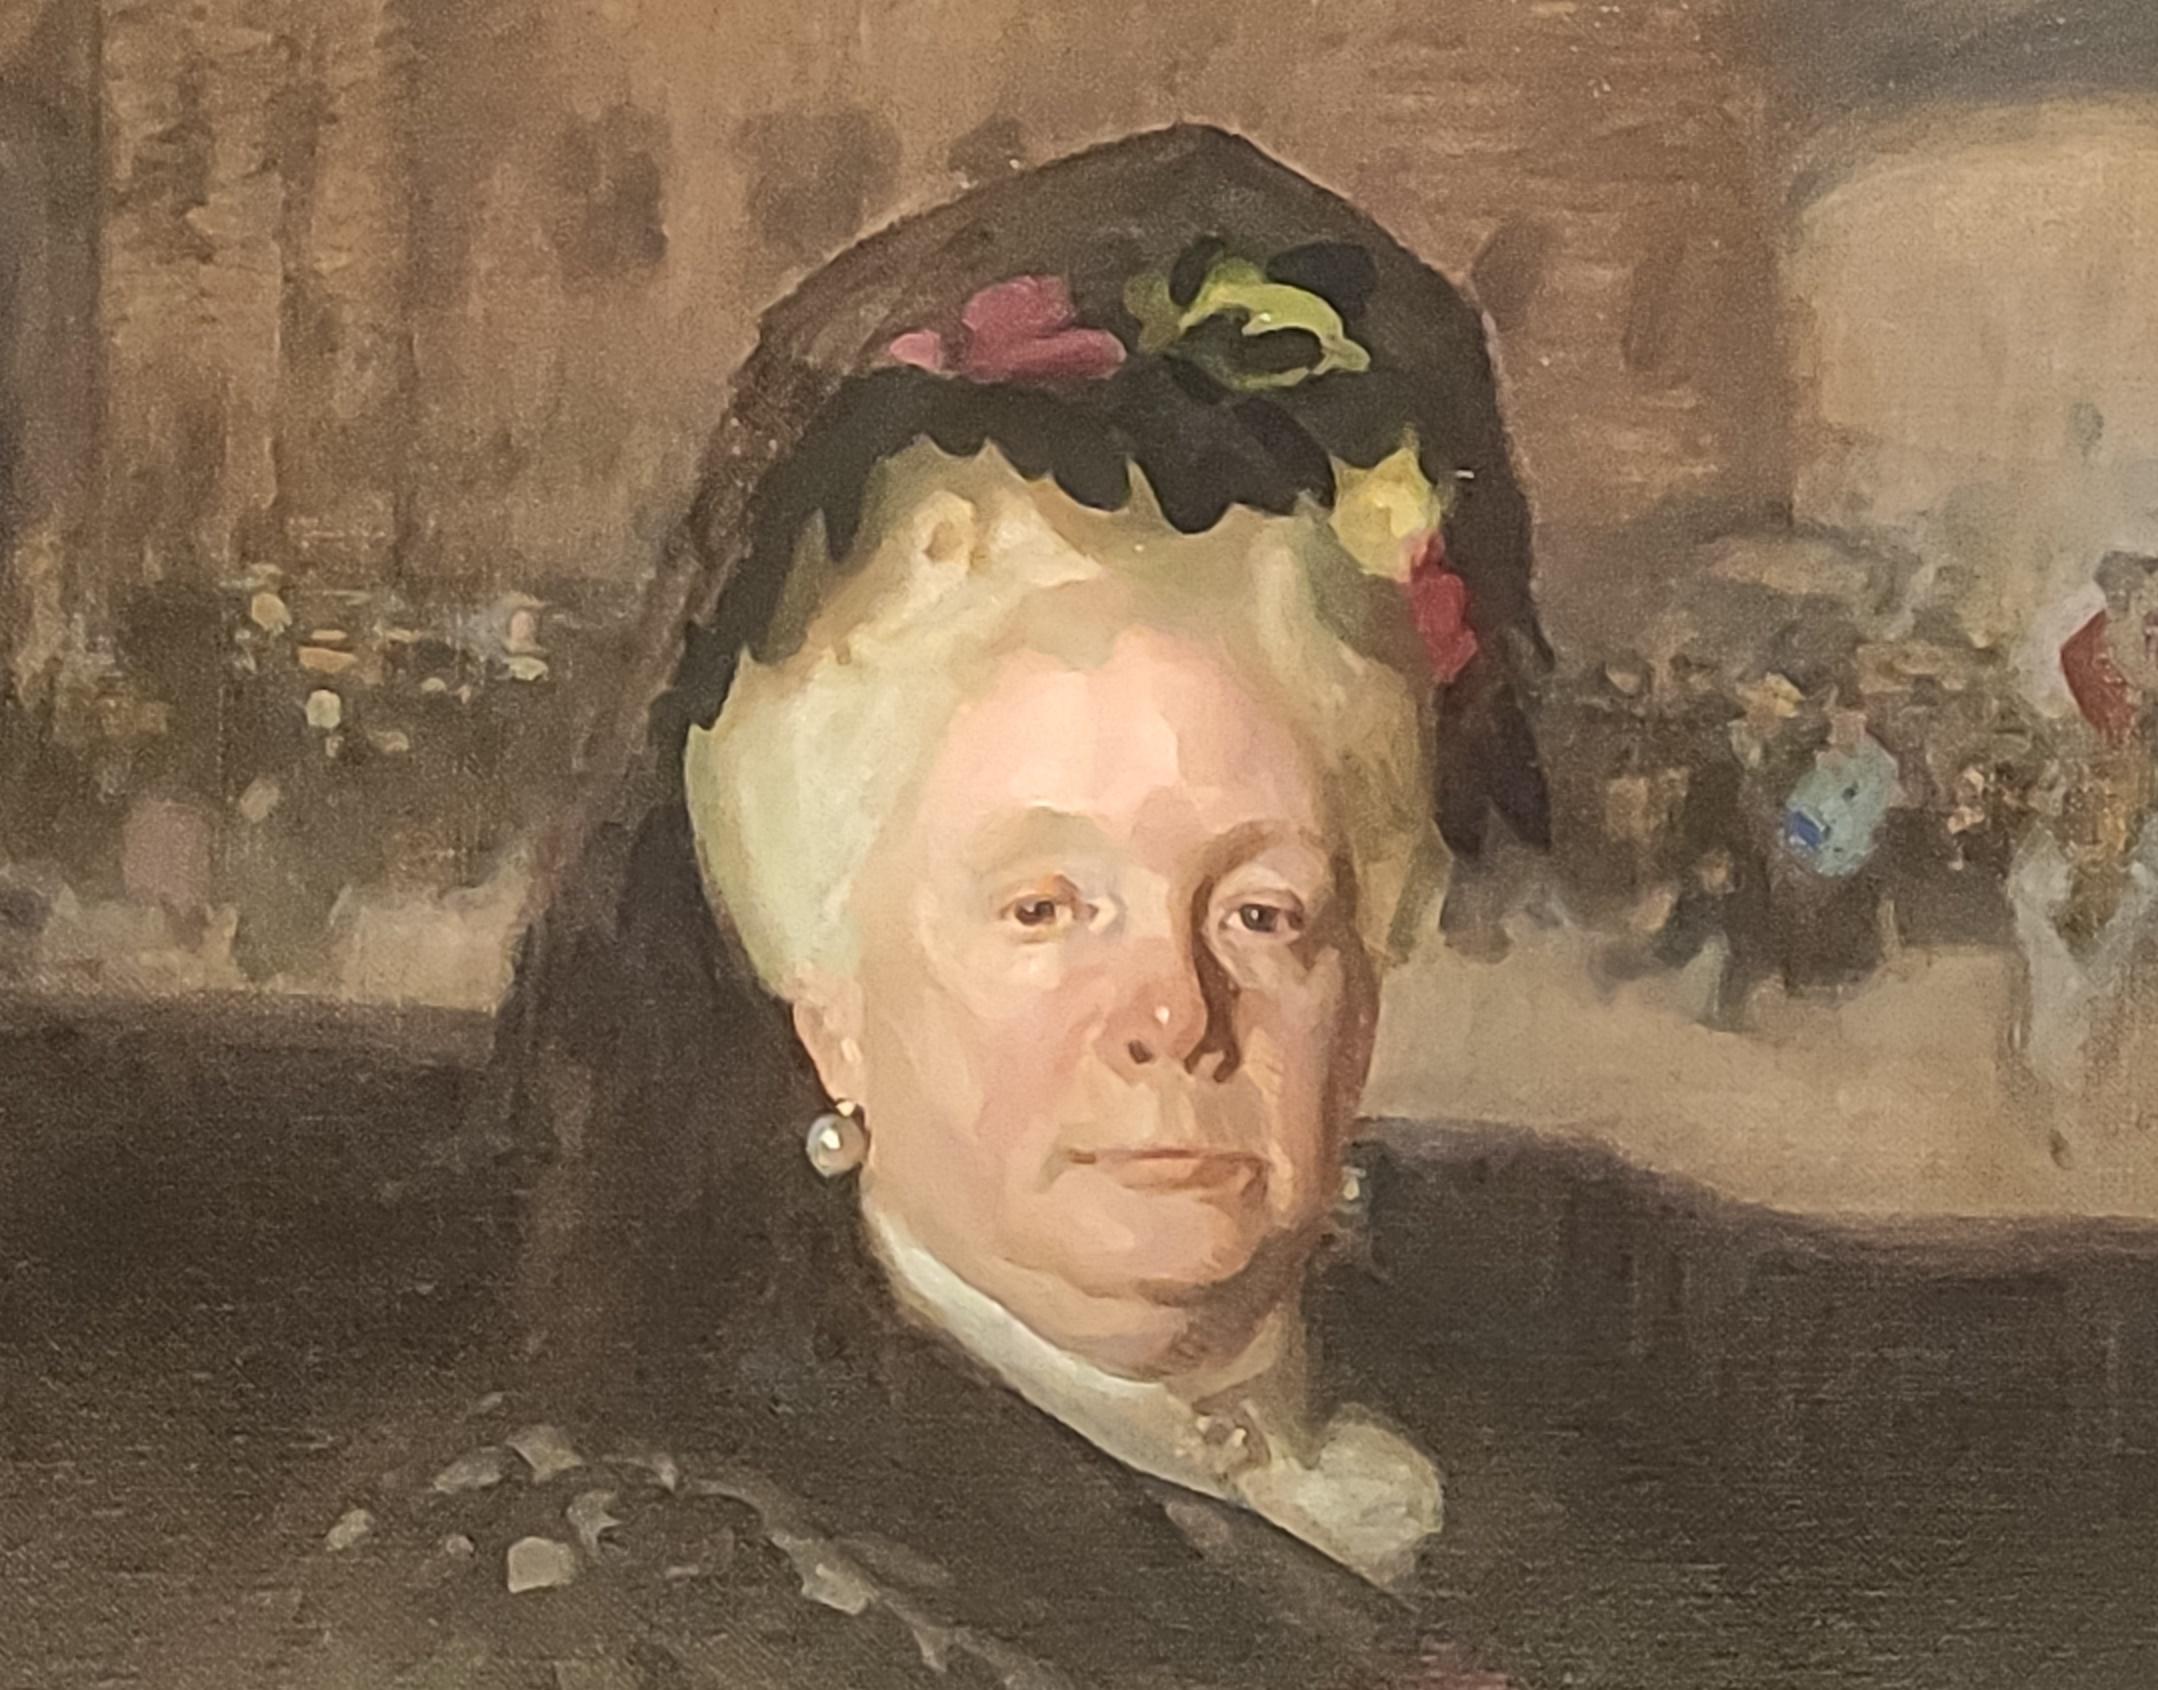 Isabel de Borbón, alias La Chata